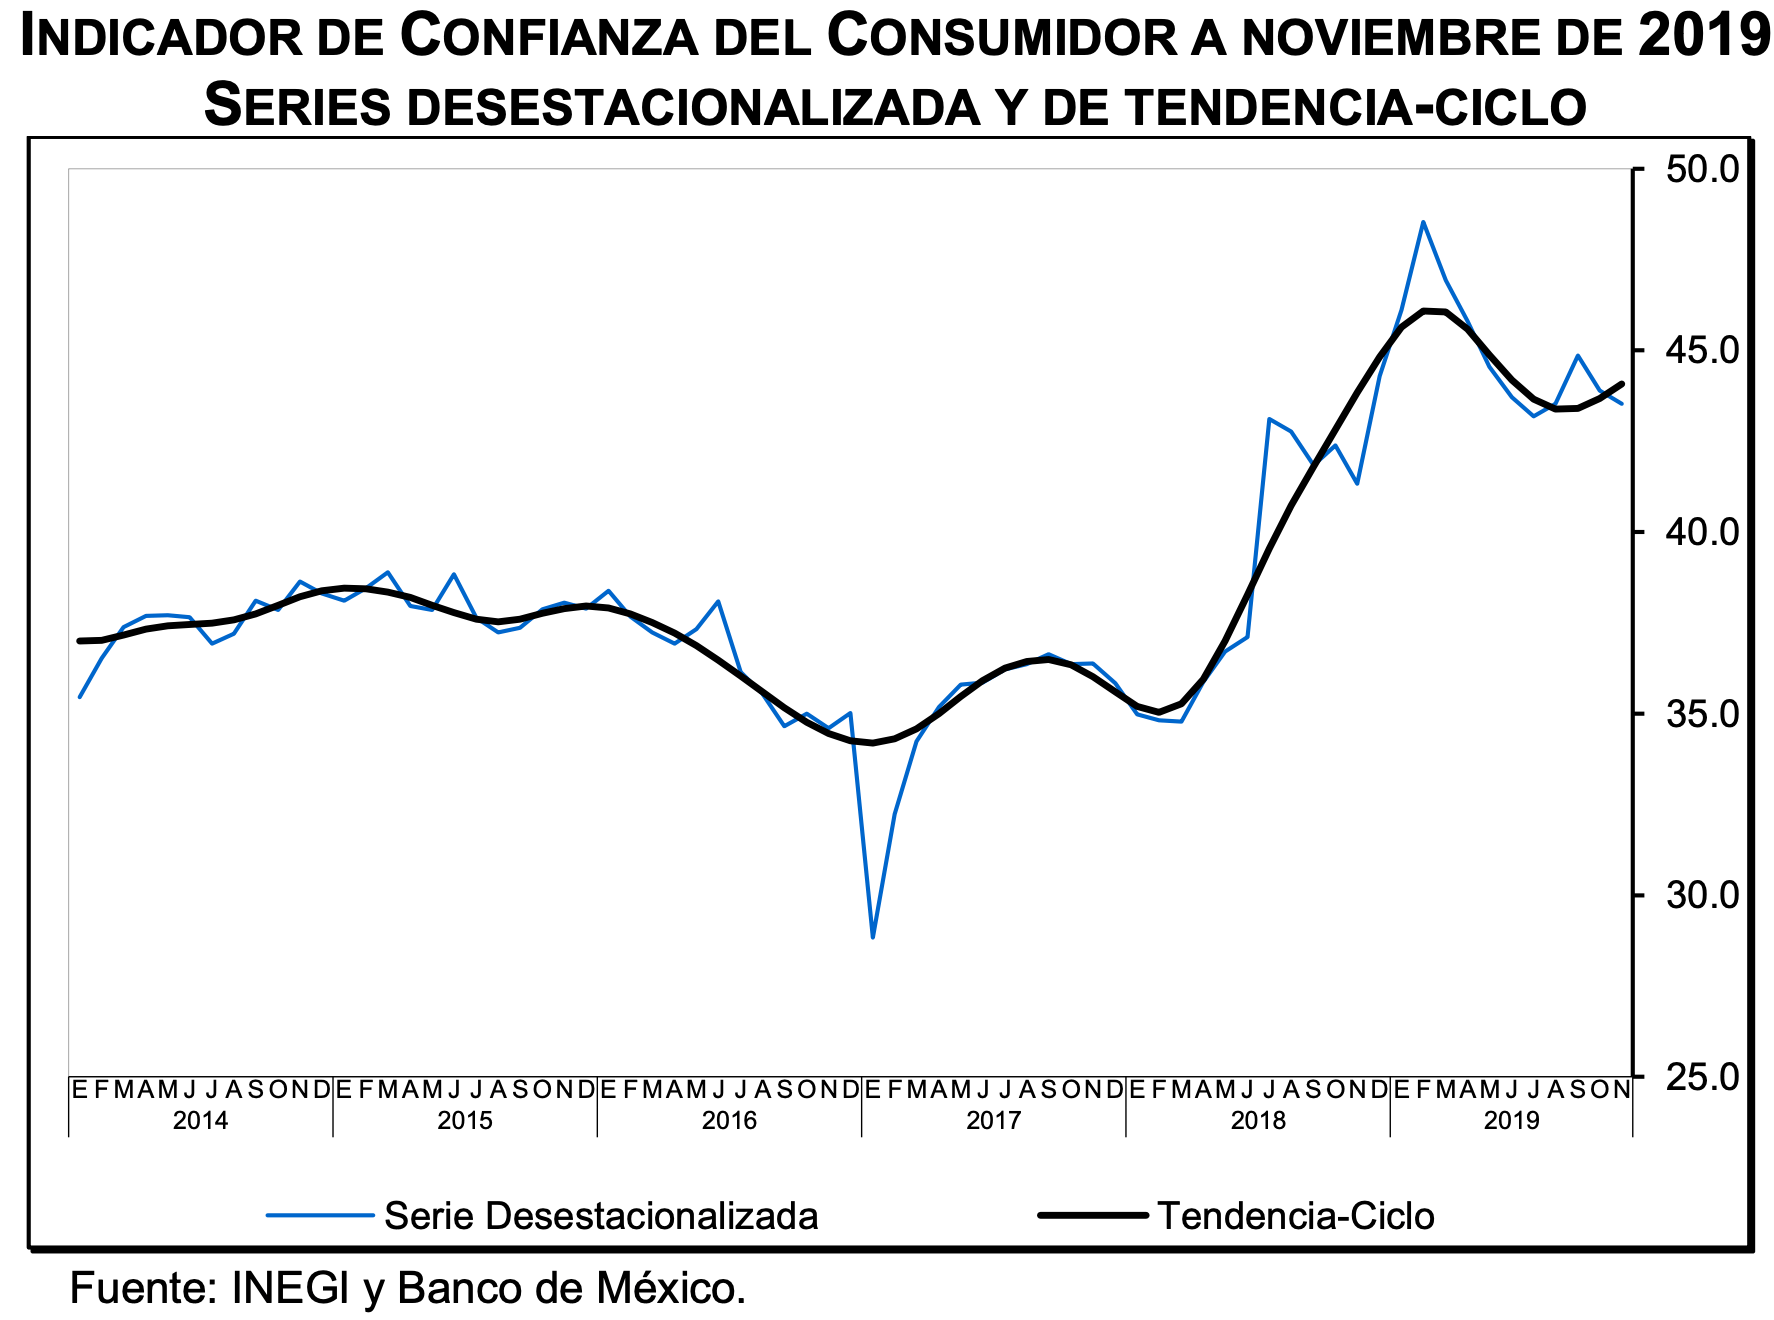 INDICADOR DE CONFIANZA DEL CONSUMIDOR A NOVIEMBRE DE 2019. SERIES DESESTACIONALIZADA Y DE TENDENCIA-CICLO. Datos de INEGI.